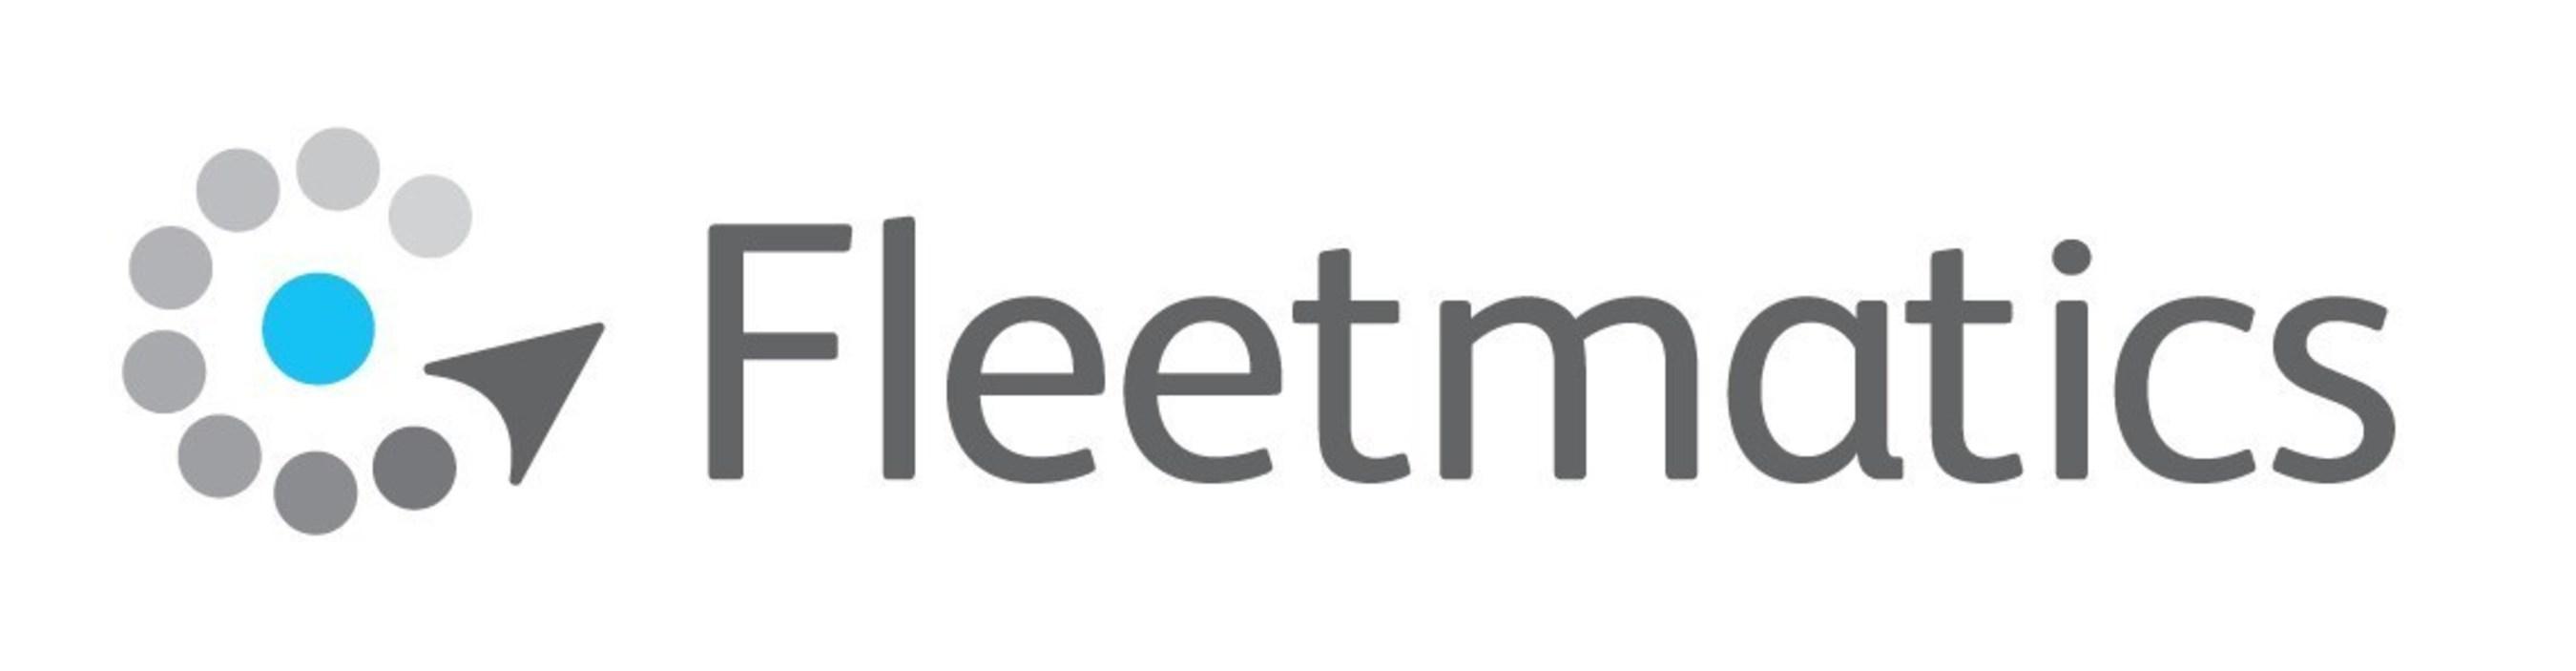 Fleetmatics expandiert mit Übernahme von Ornicar nach Frankreich